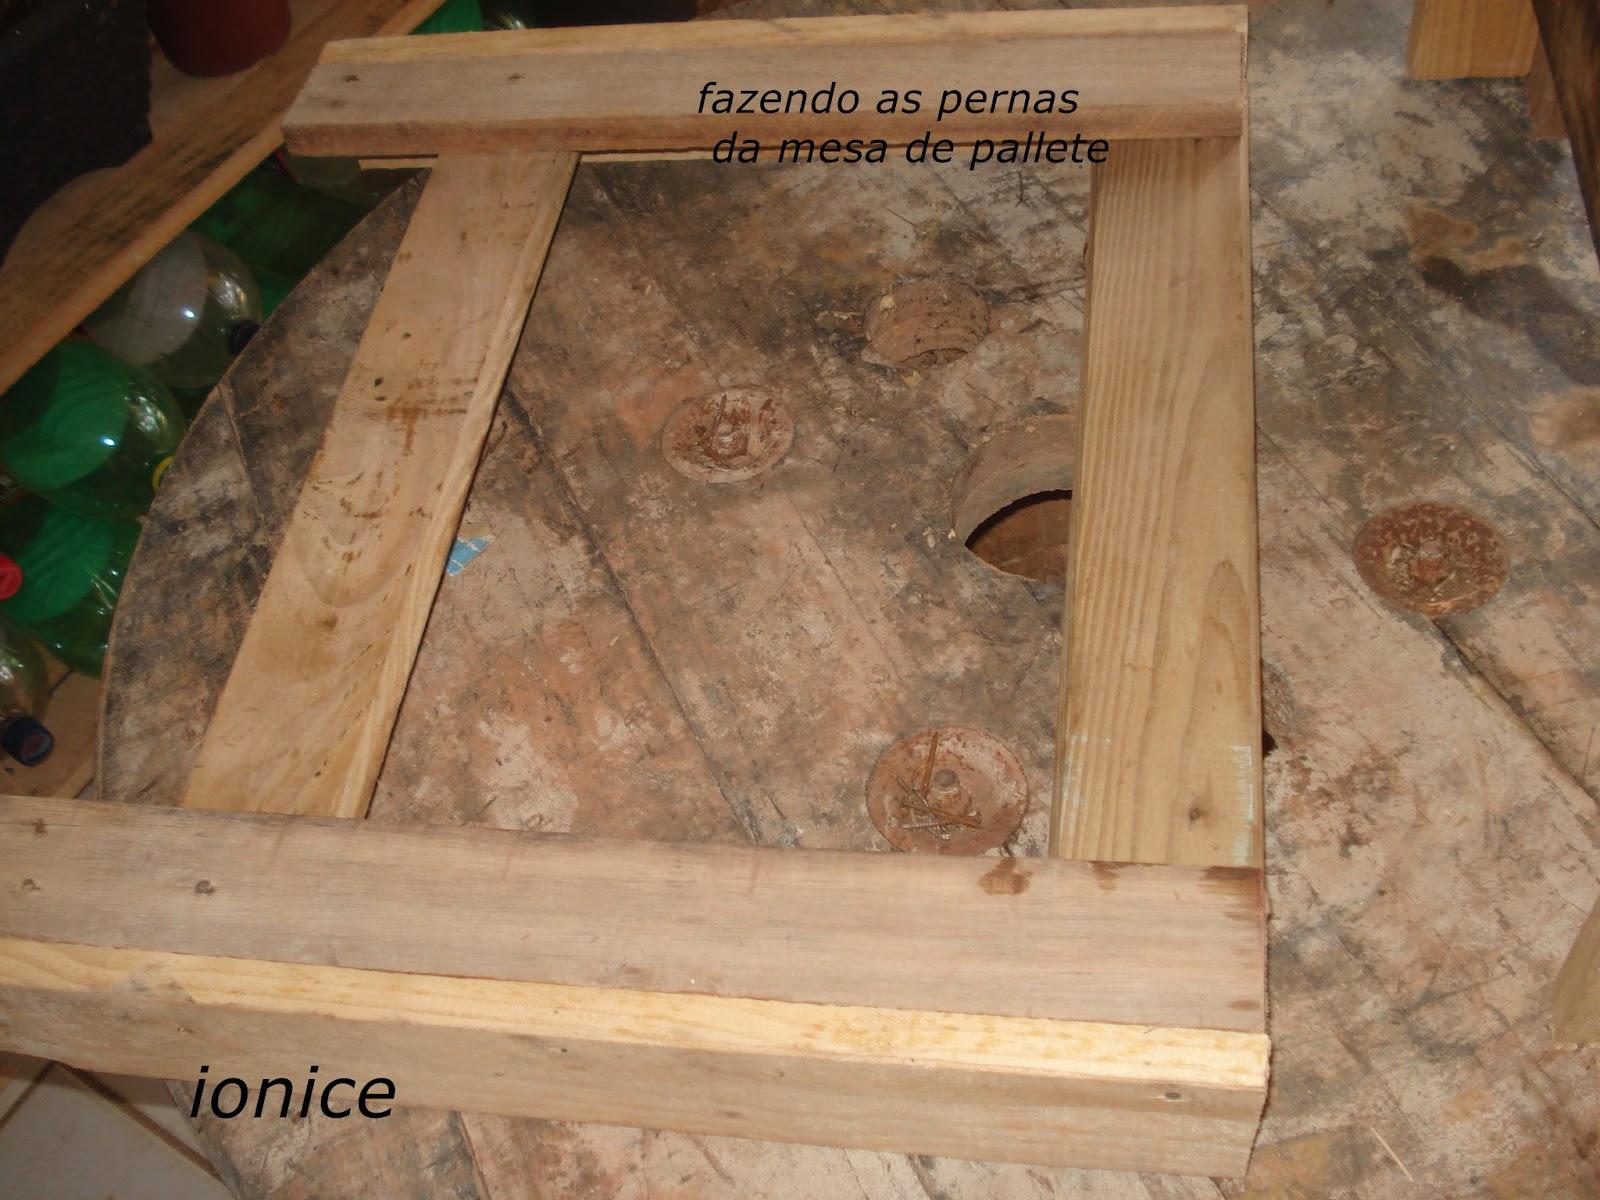 DIY : COMO FAZER UMA MESA DE CANTO COM PALLETES Meus Trabalhos  #B97912 1600x1200